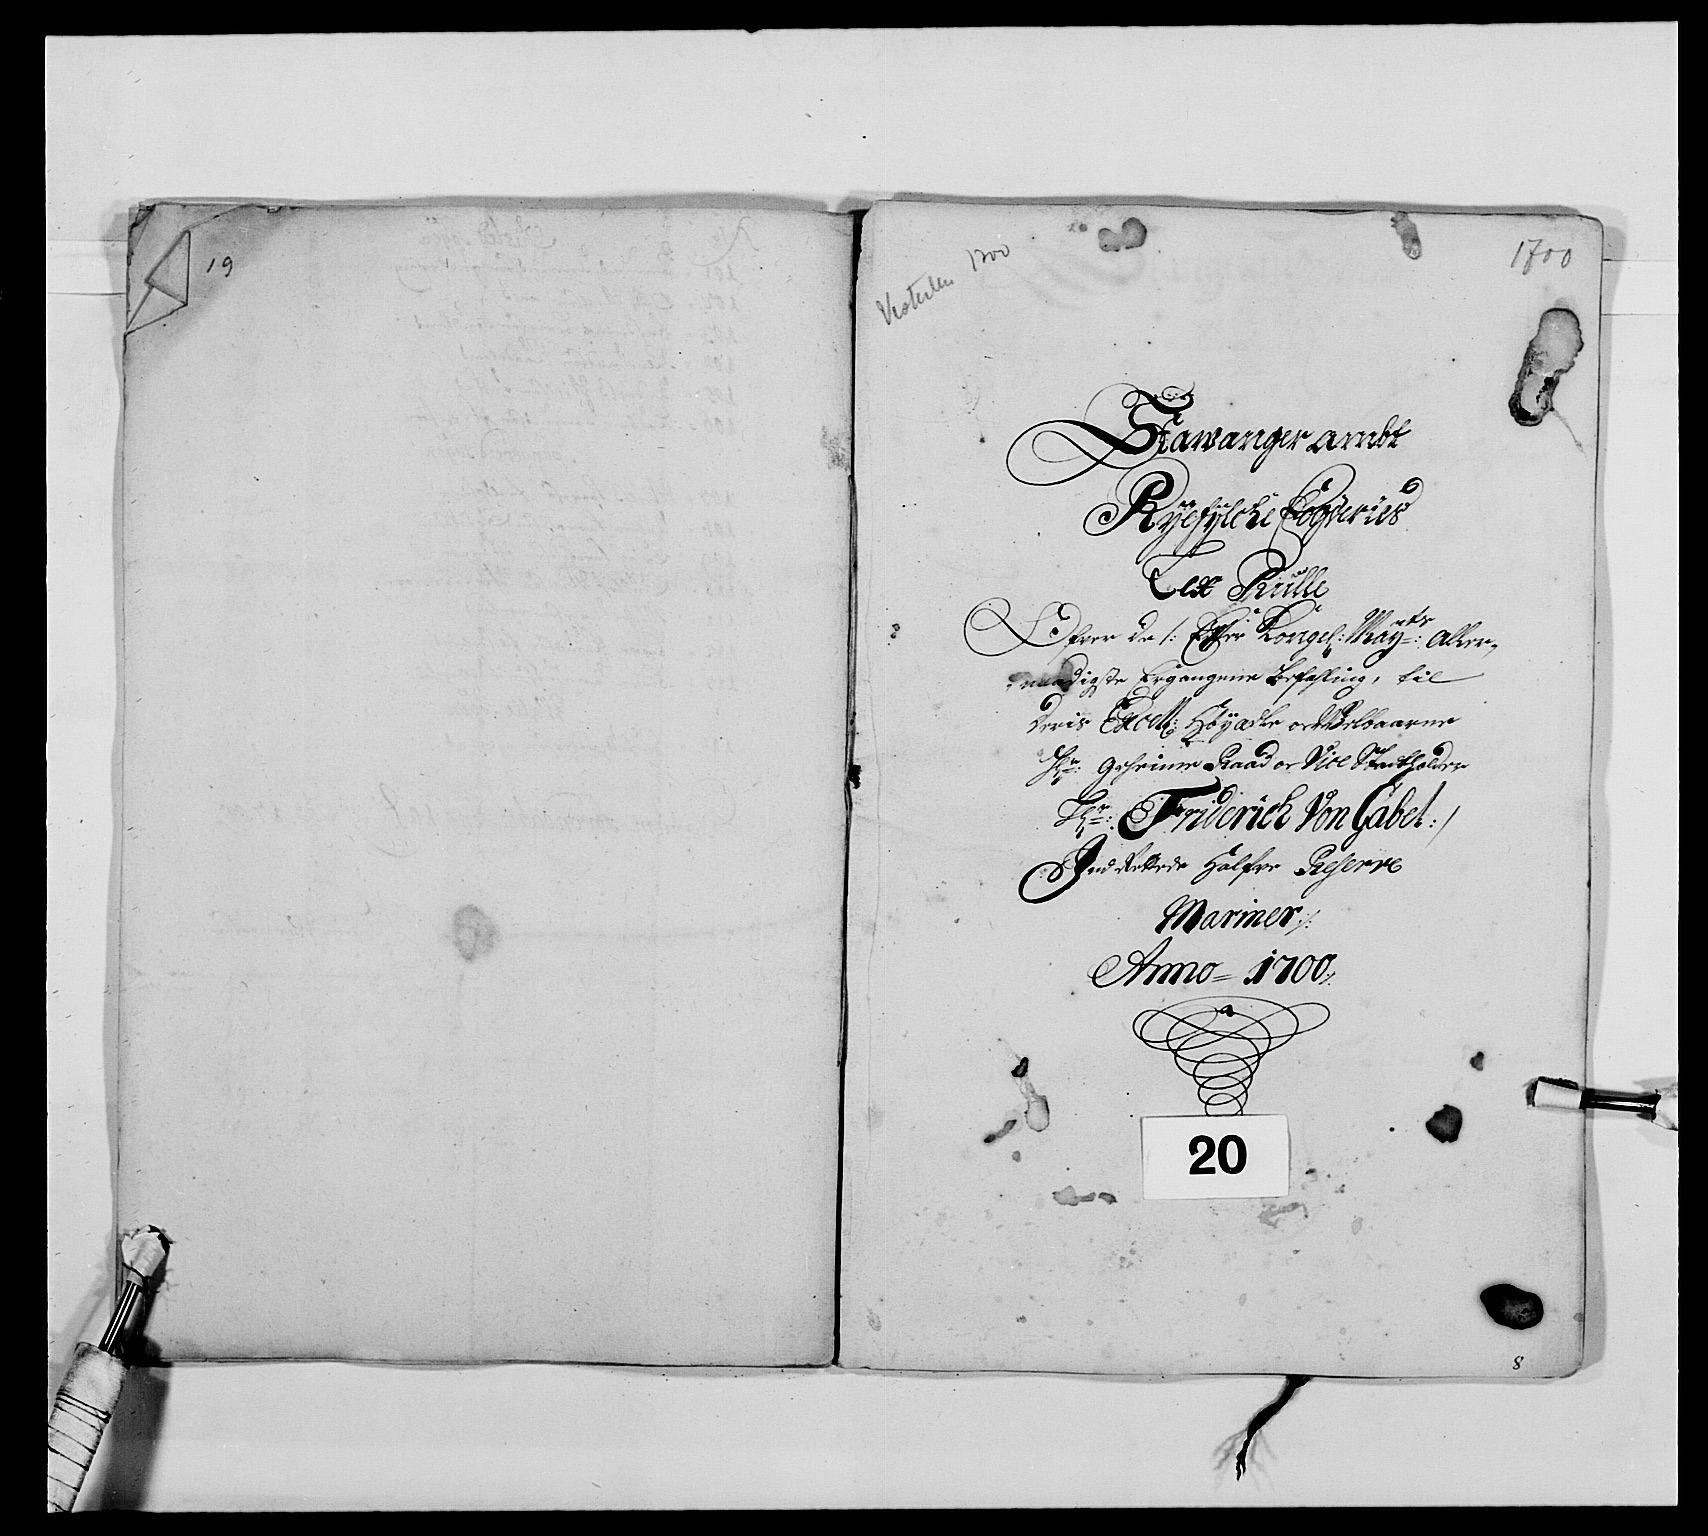 RA, Kommanderende general (KG I) med Det norske krigsdirektorium, E/Ea/L0473: Marineregimentet, 1664-1700, s. 250